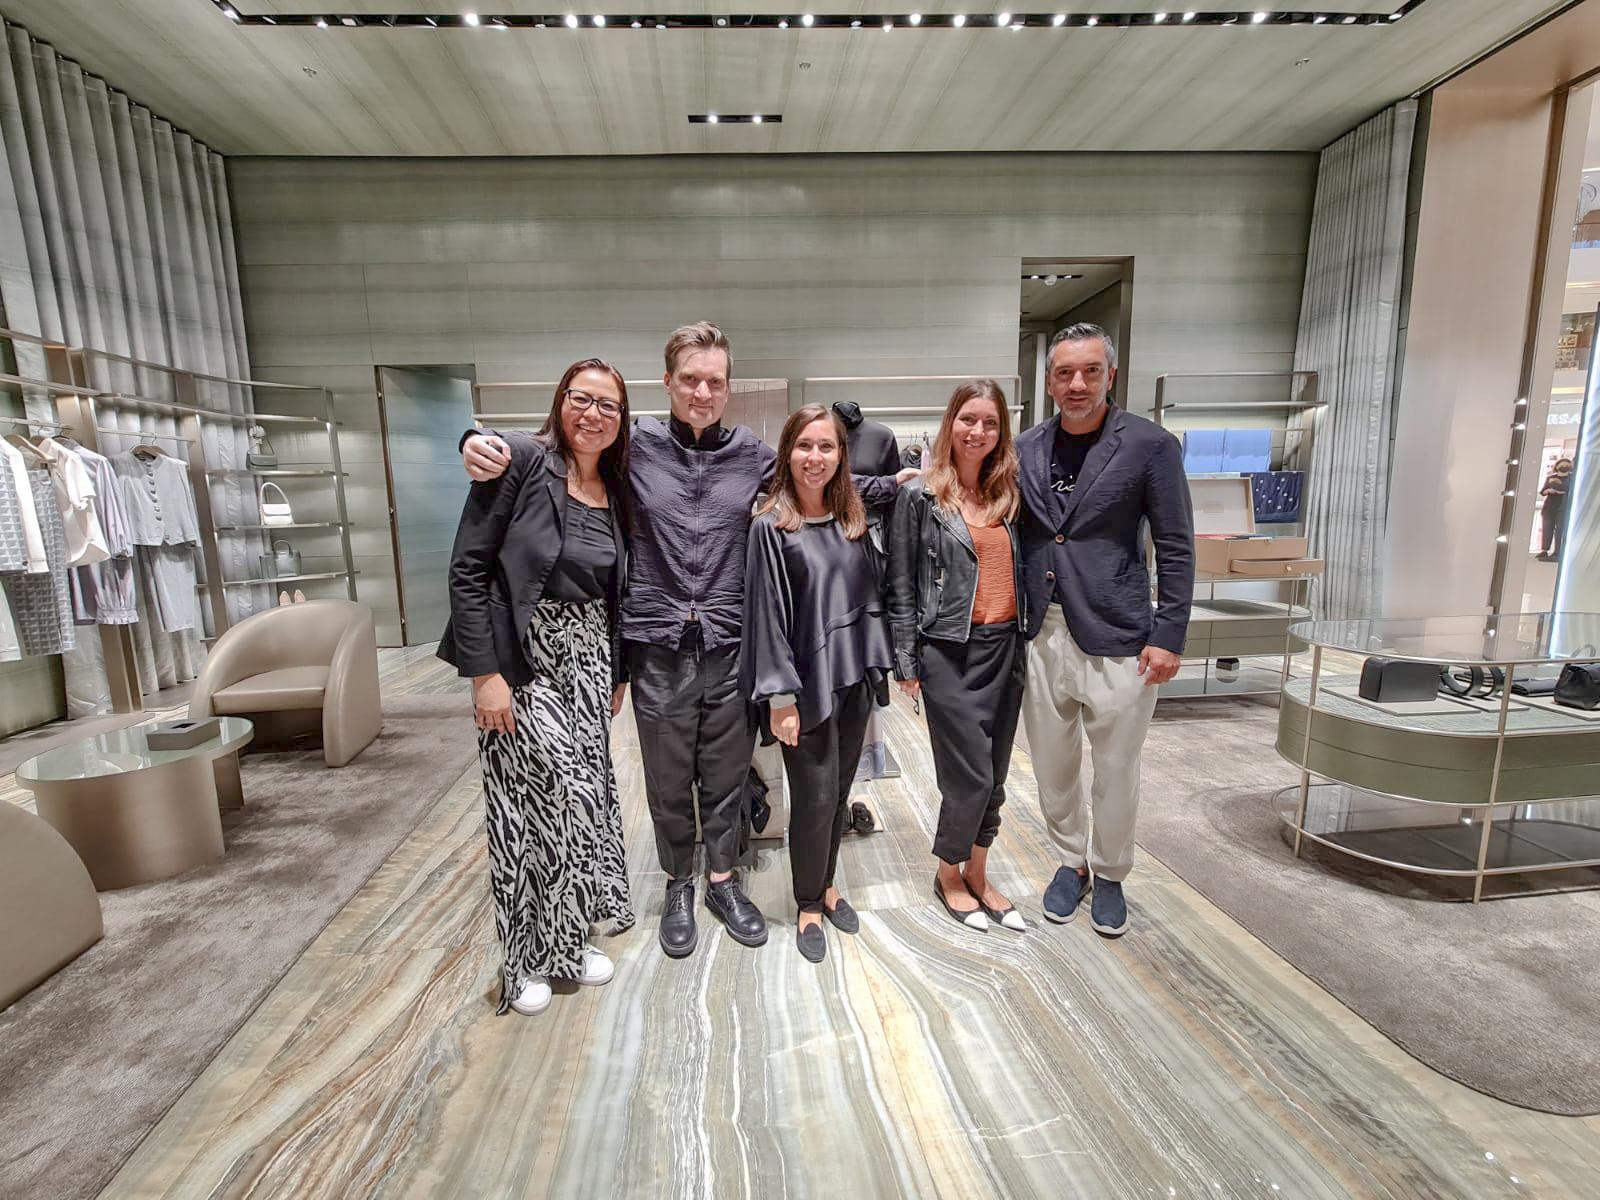 Слева направо: Анна, Кит, Миколь, я, Федерико (итальянцы)